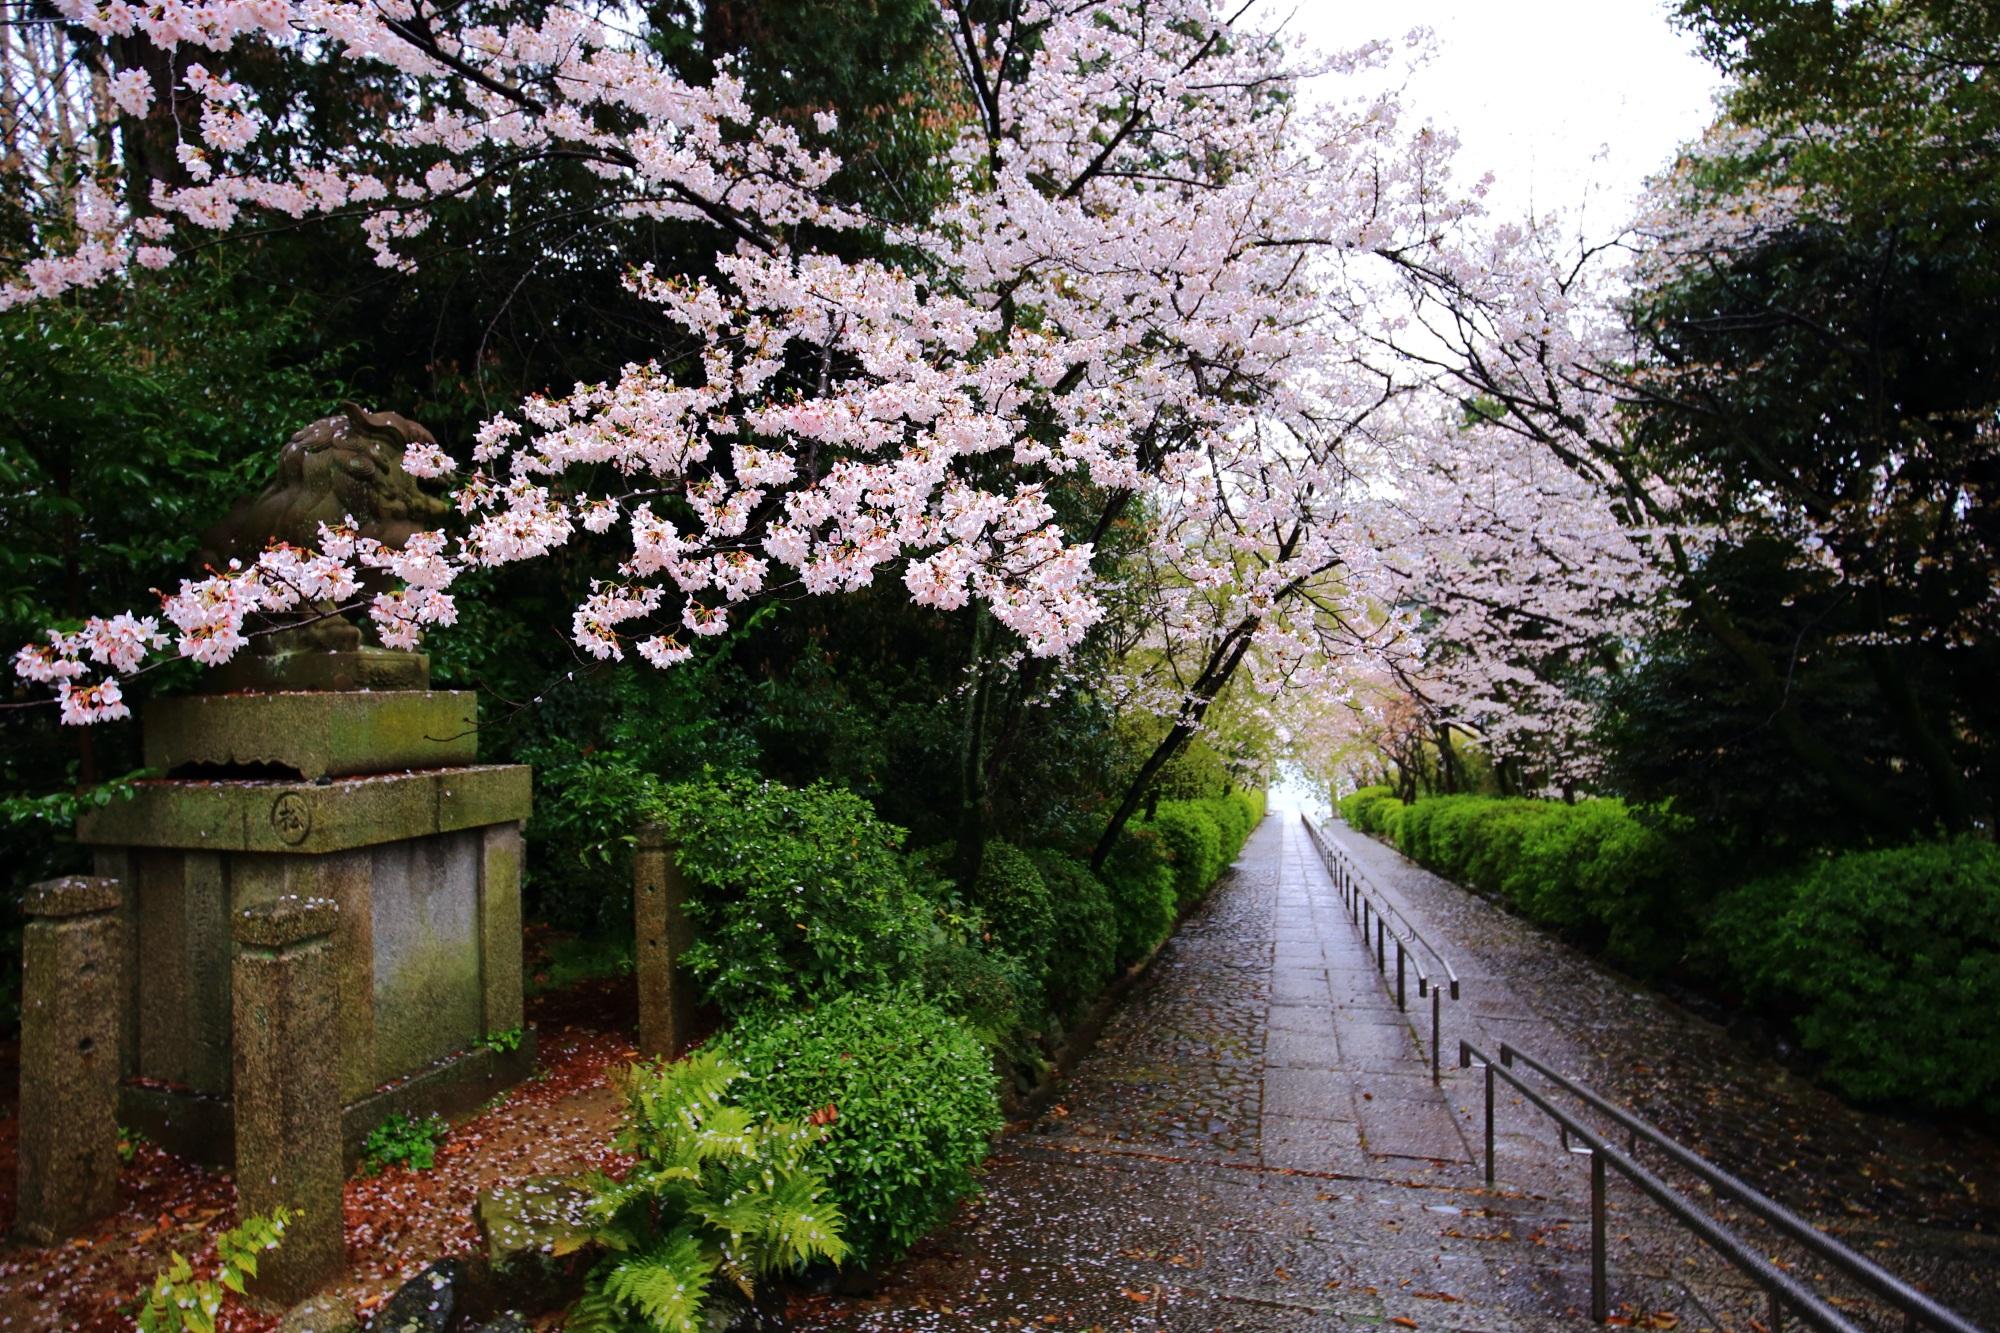 桜の名所の宗忠神社(むねただ神社)の参道の桜